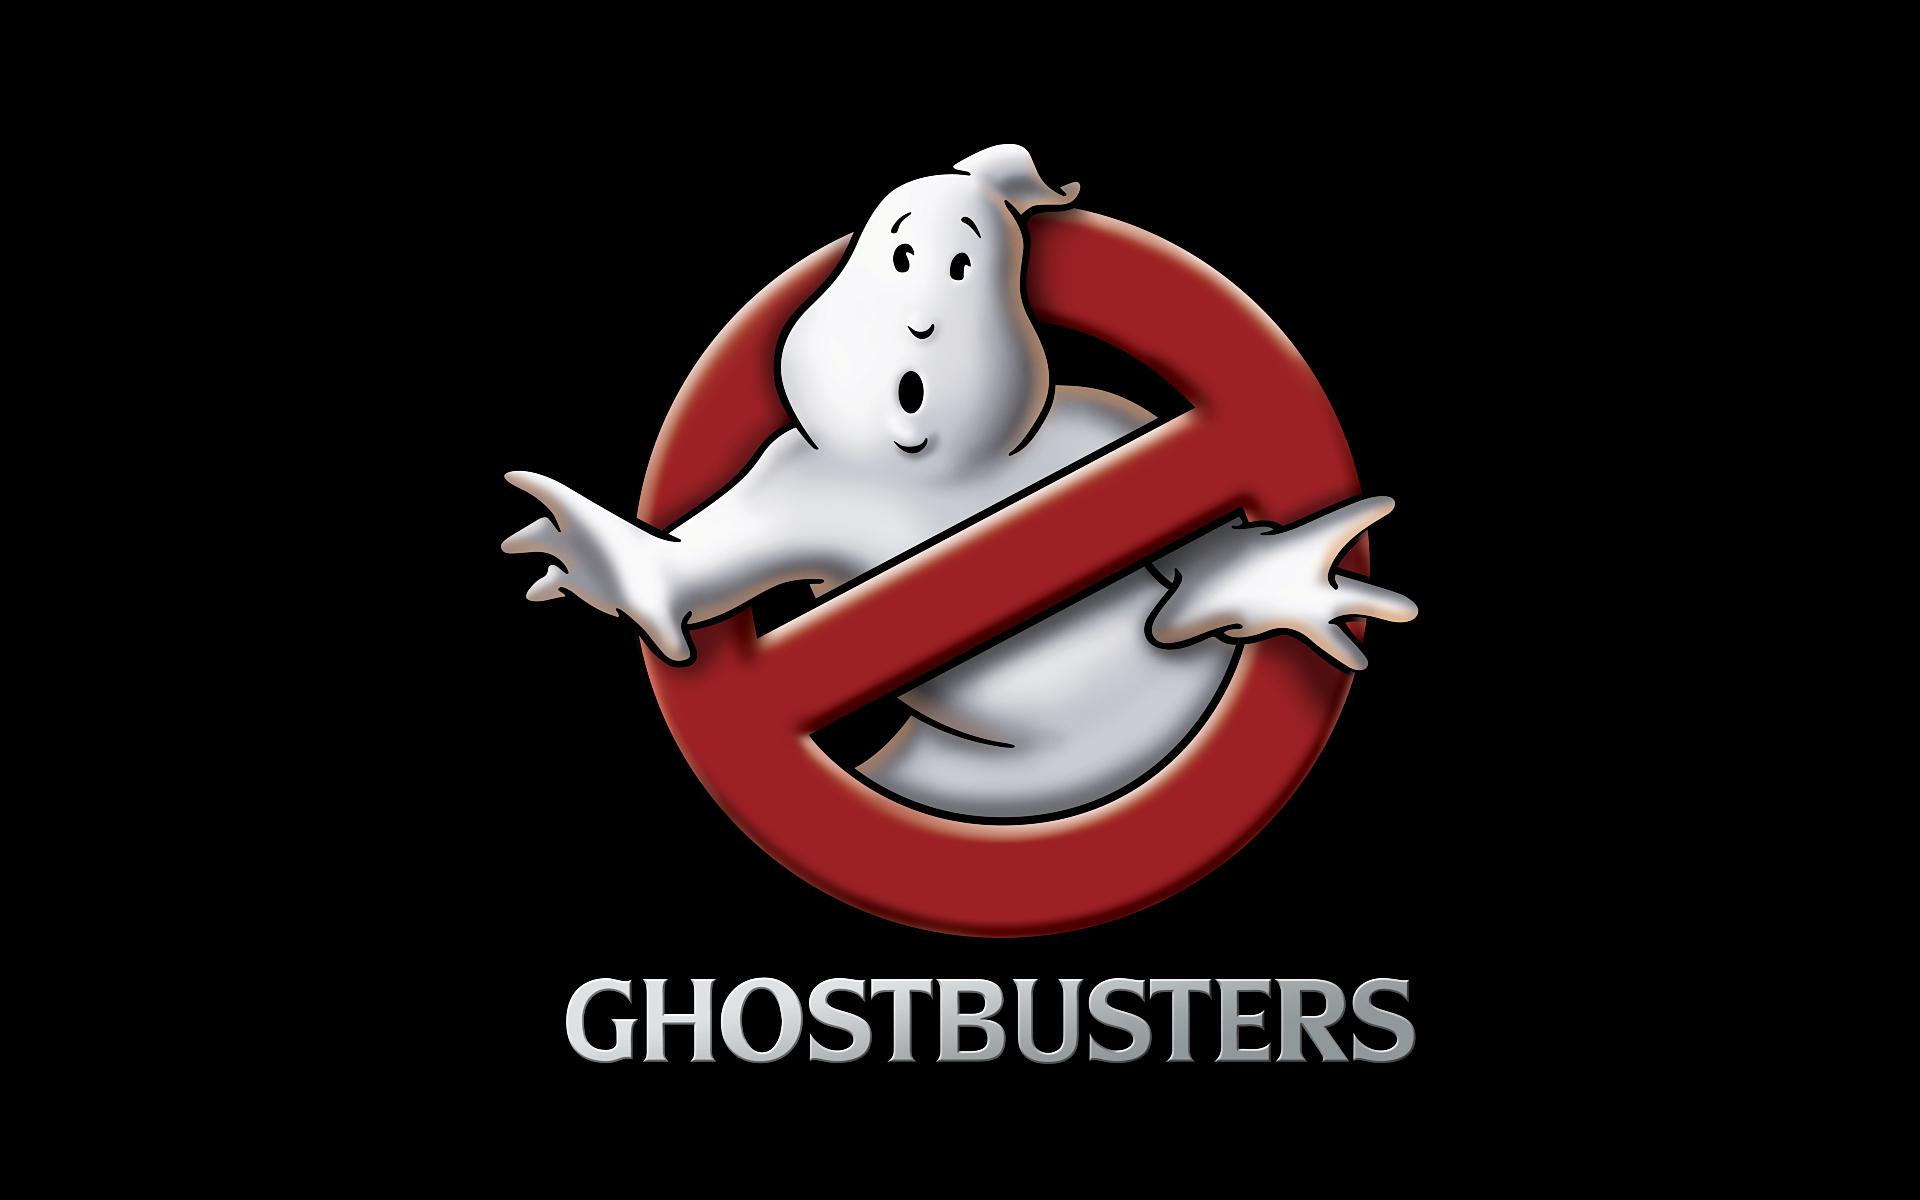 GhostBusters logo 3D Wallpaper